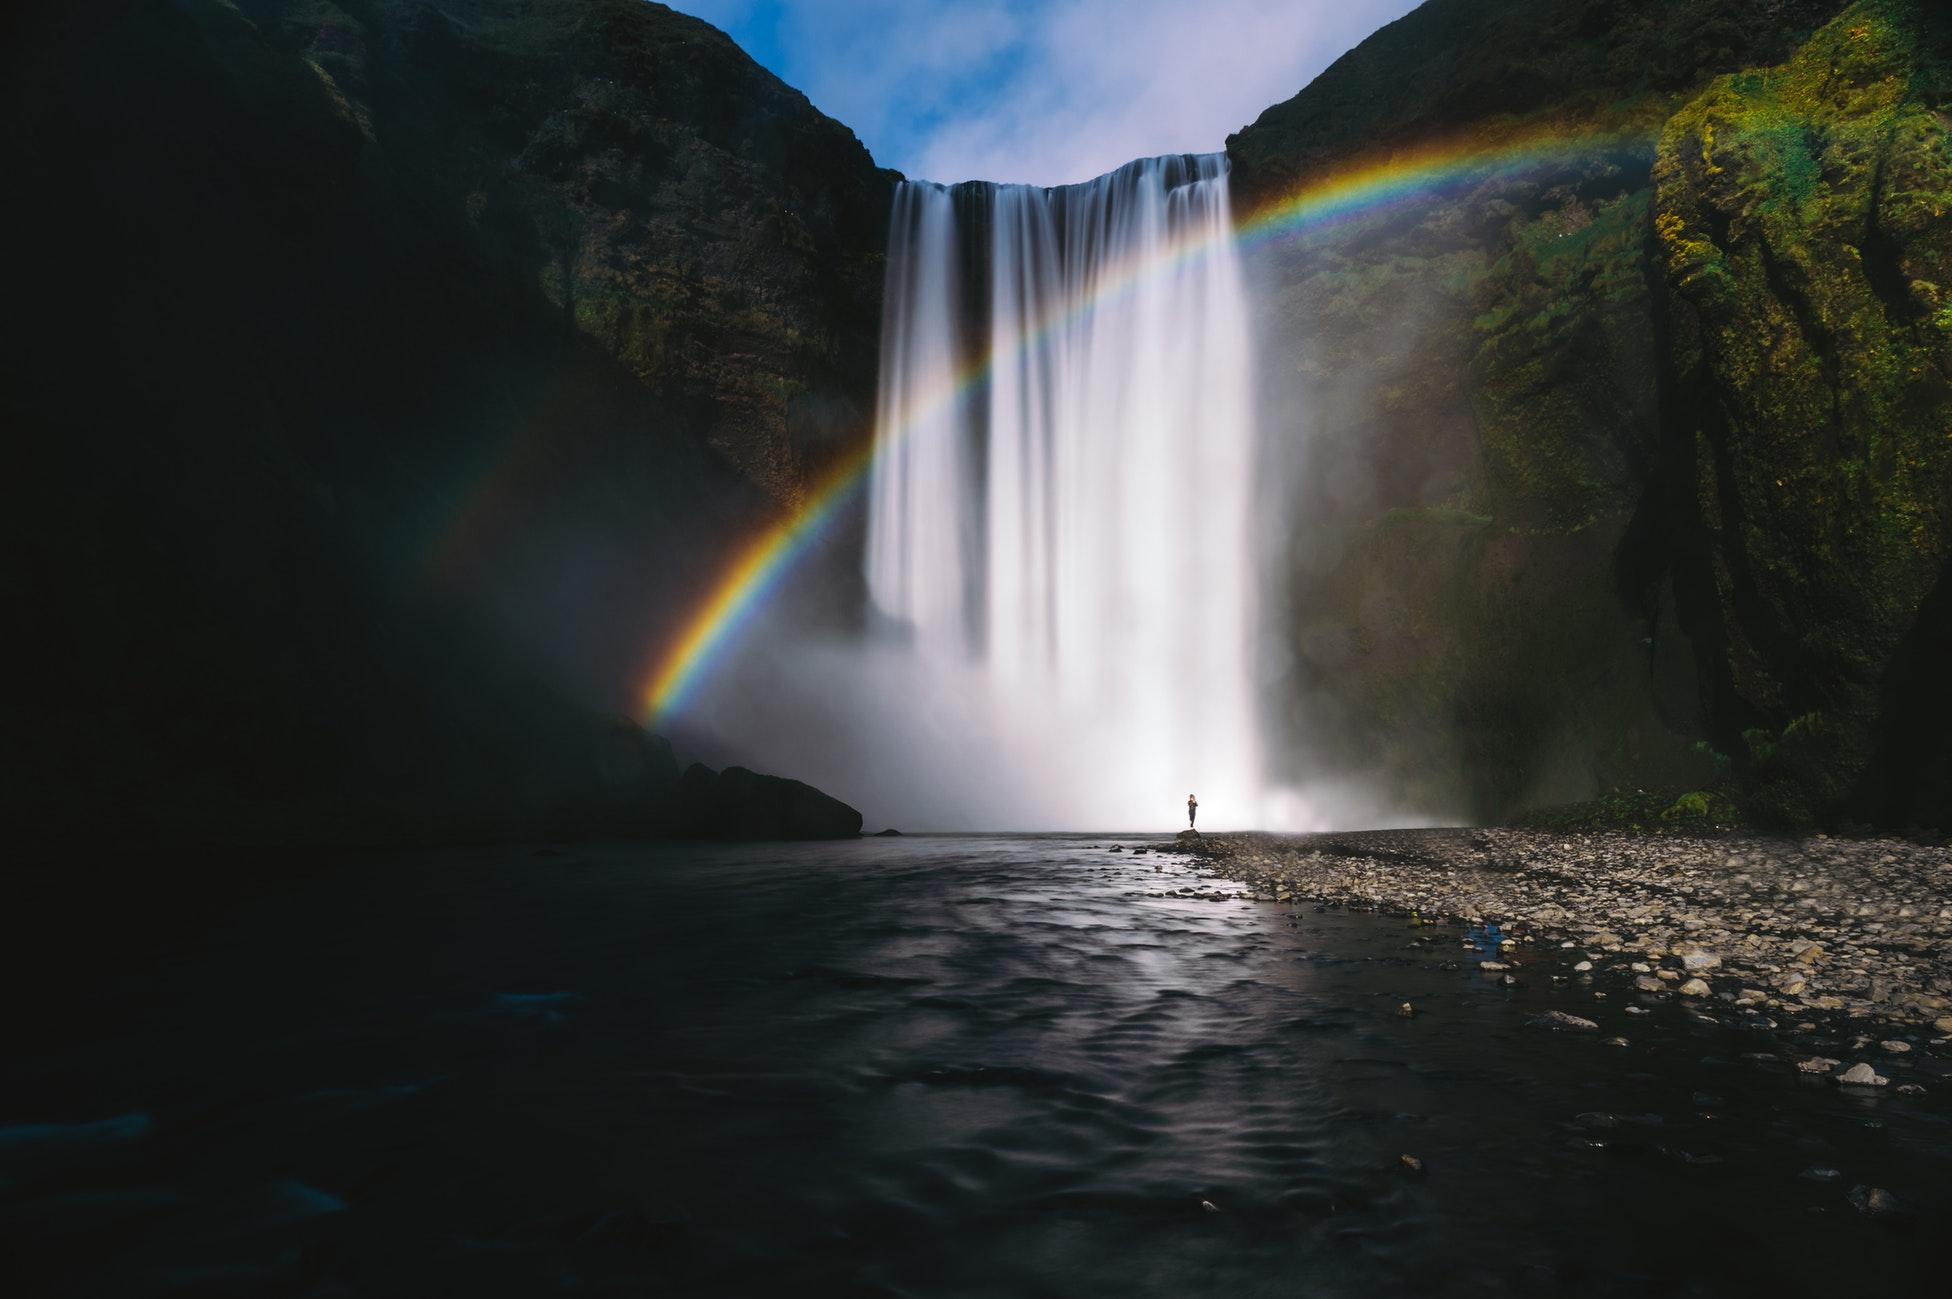 Uno de los aspectos más importantes del Din es una creencia sincera, para lo que ayuda purificar el corazón